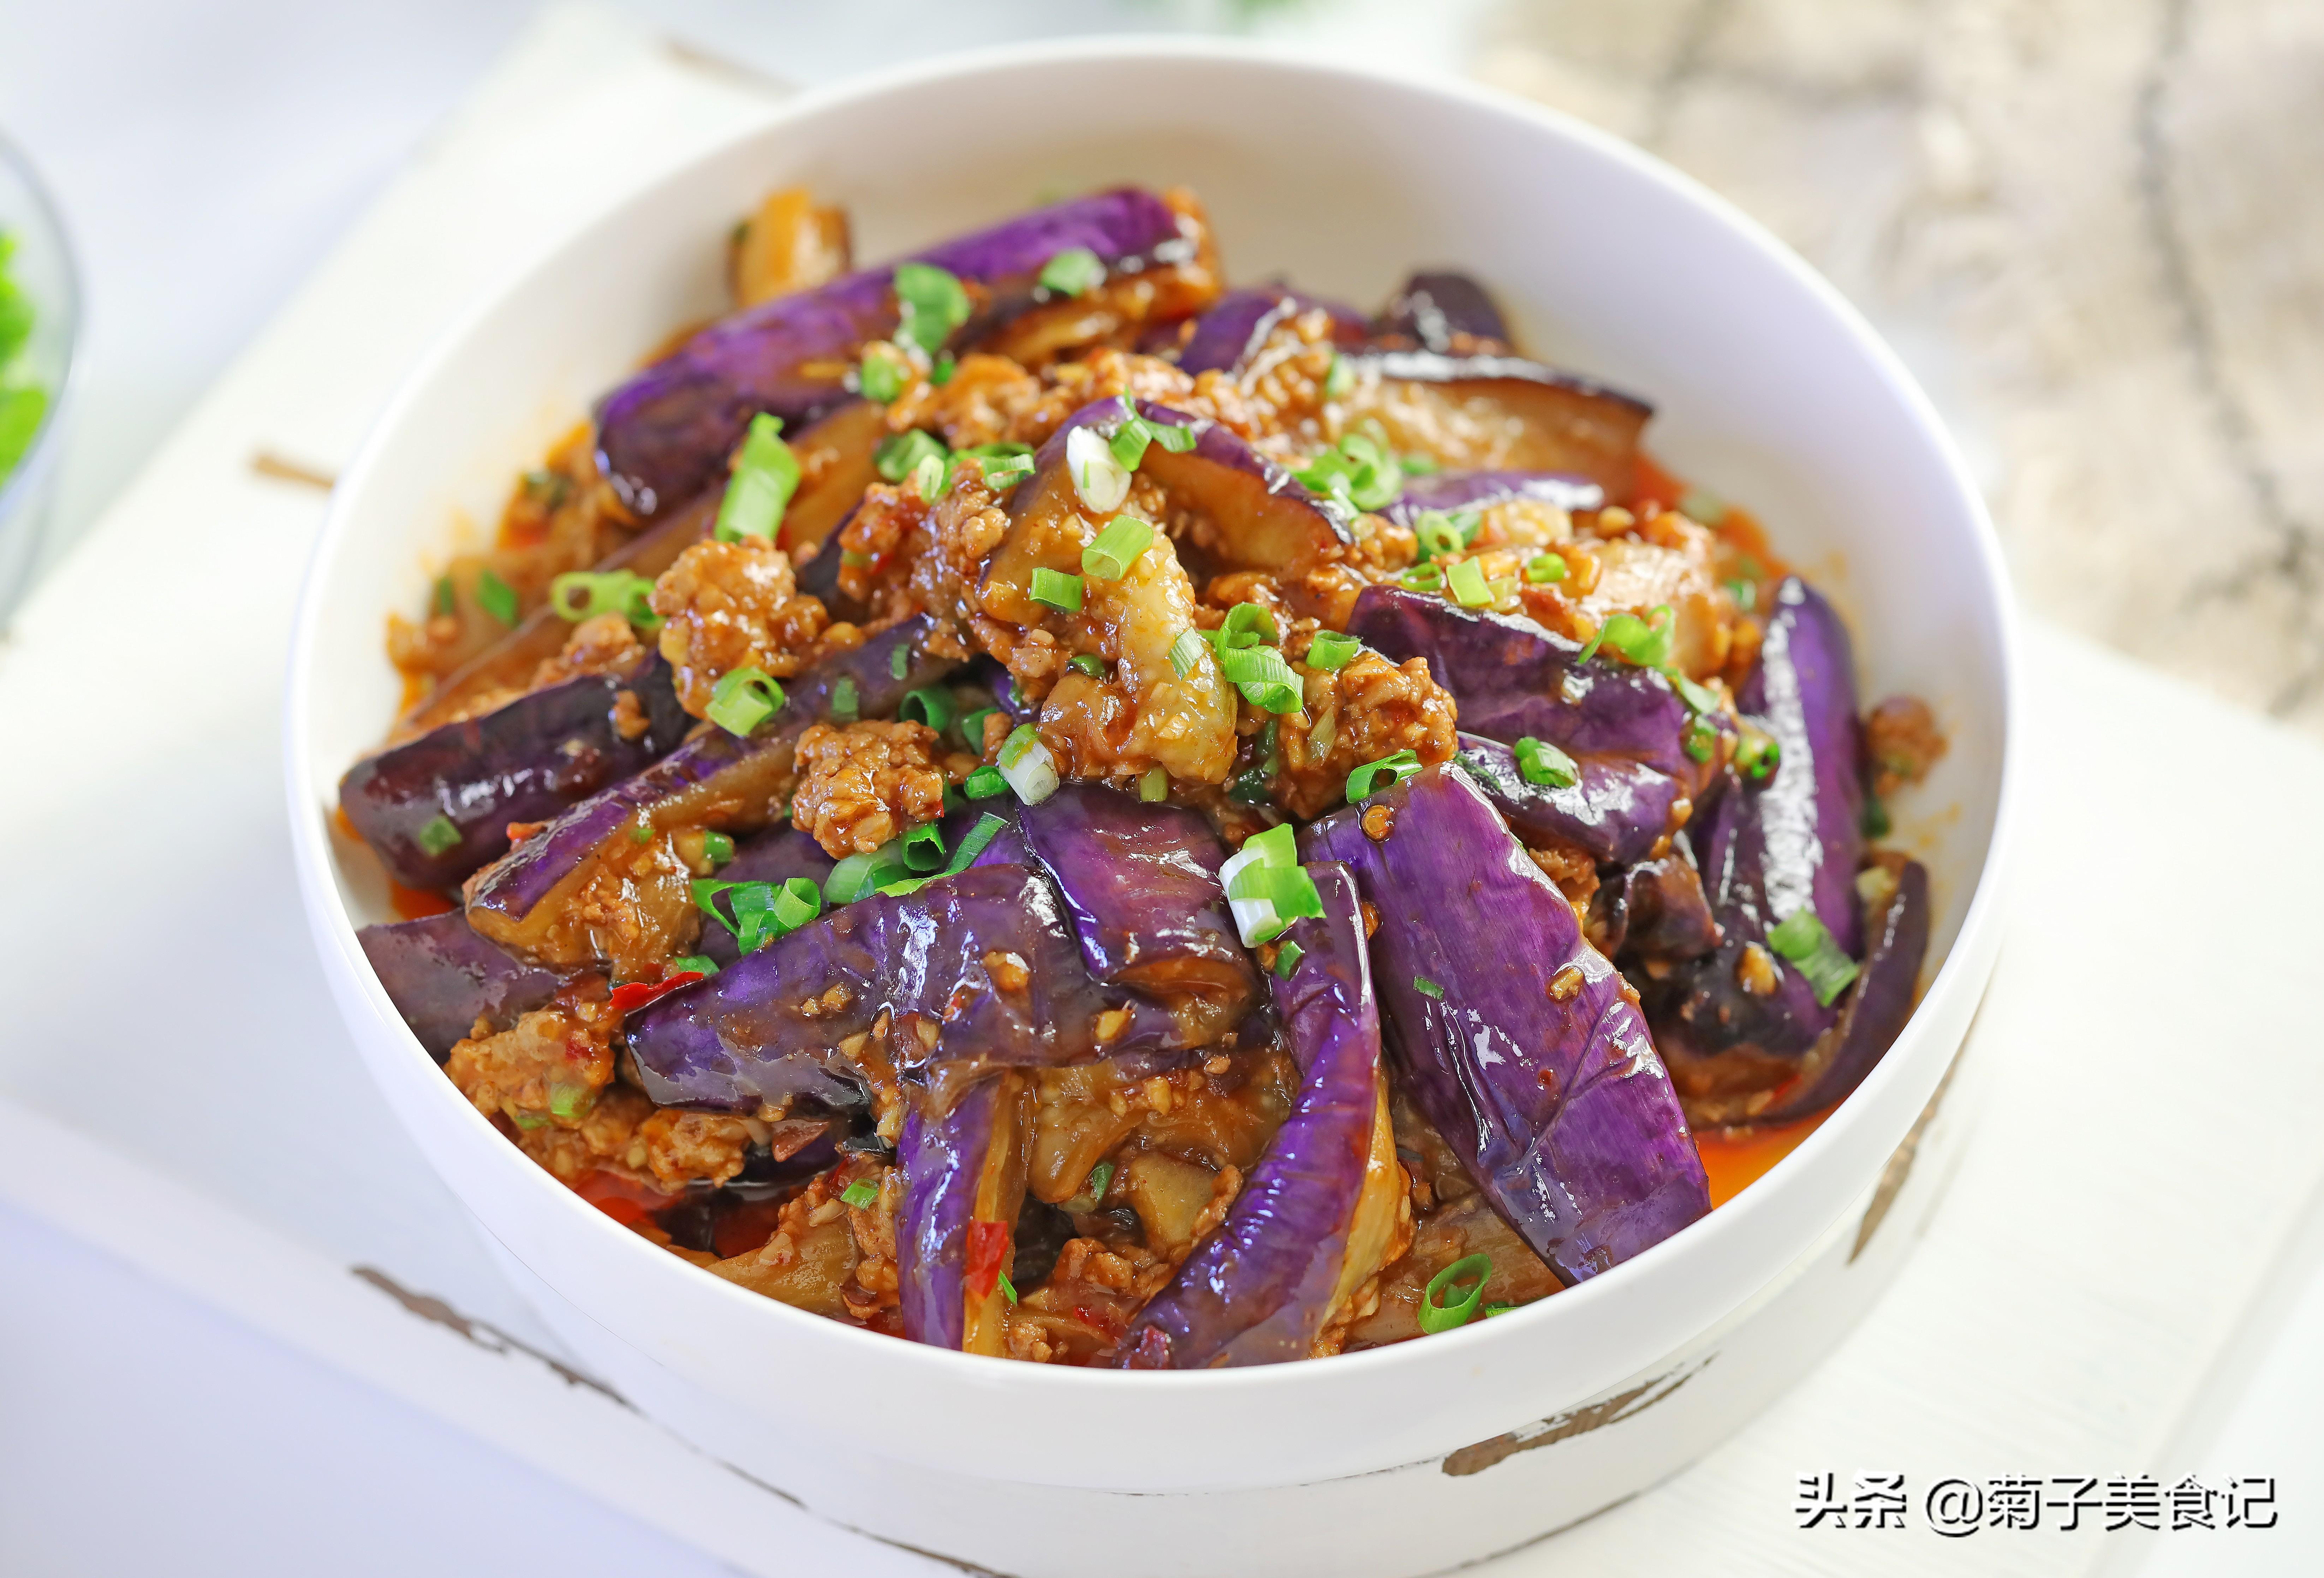 这12道川菜菜谱请收好,经典川味,色香味俱全,四川人家的味道 川菜菜谱 第1张